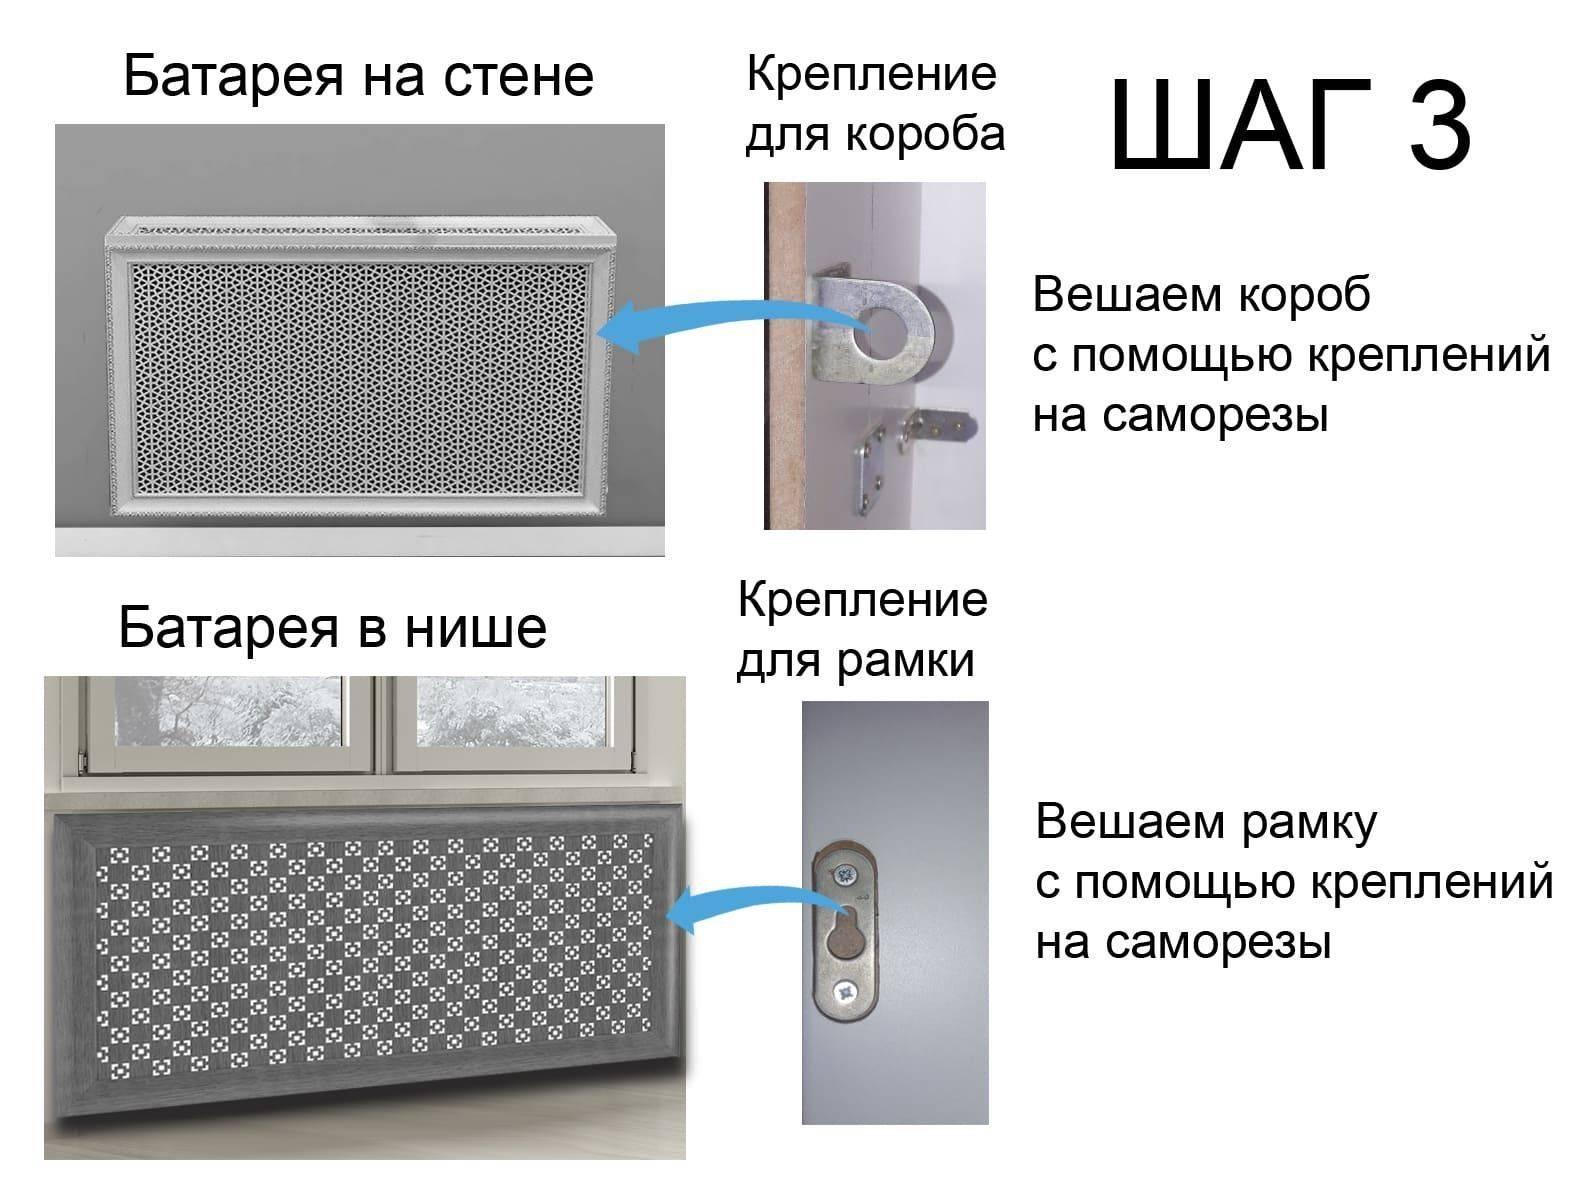 Экраны для батарей отопления: назначение, разновидности и установка